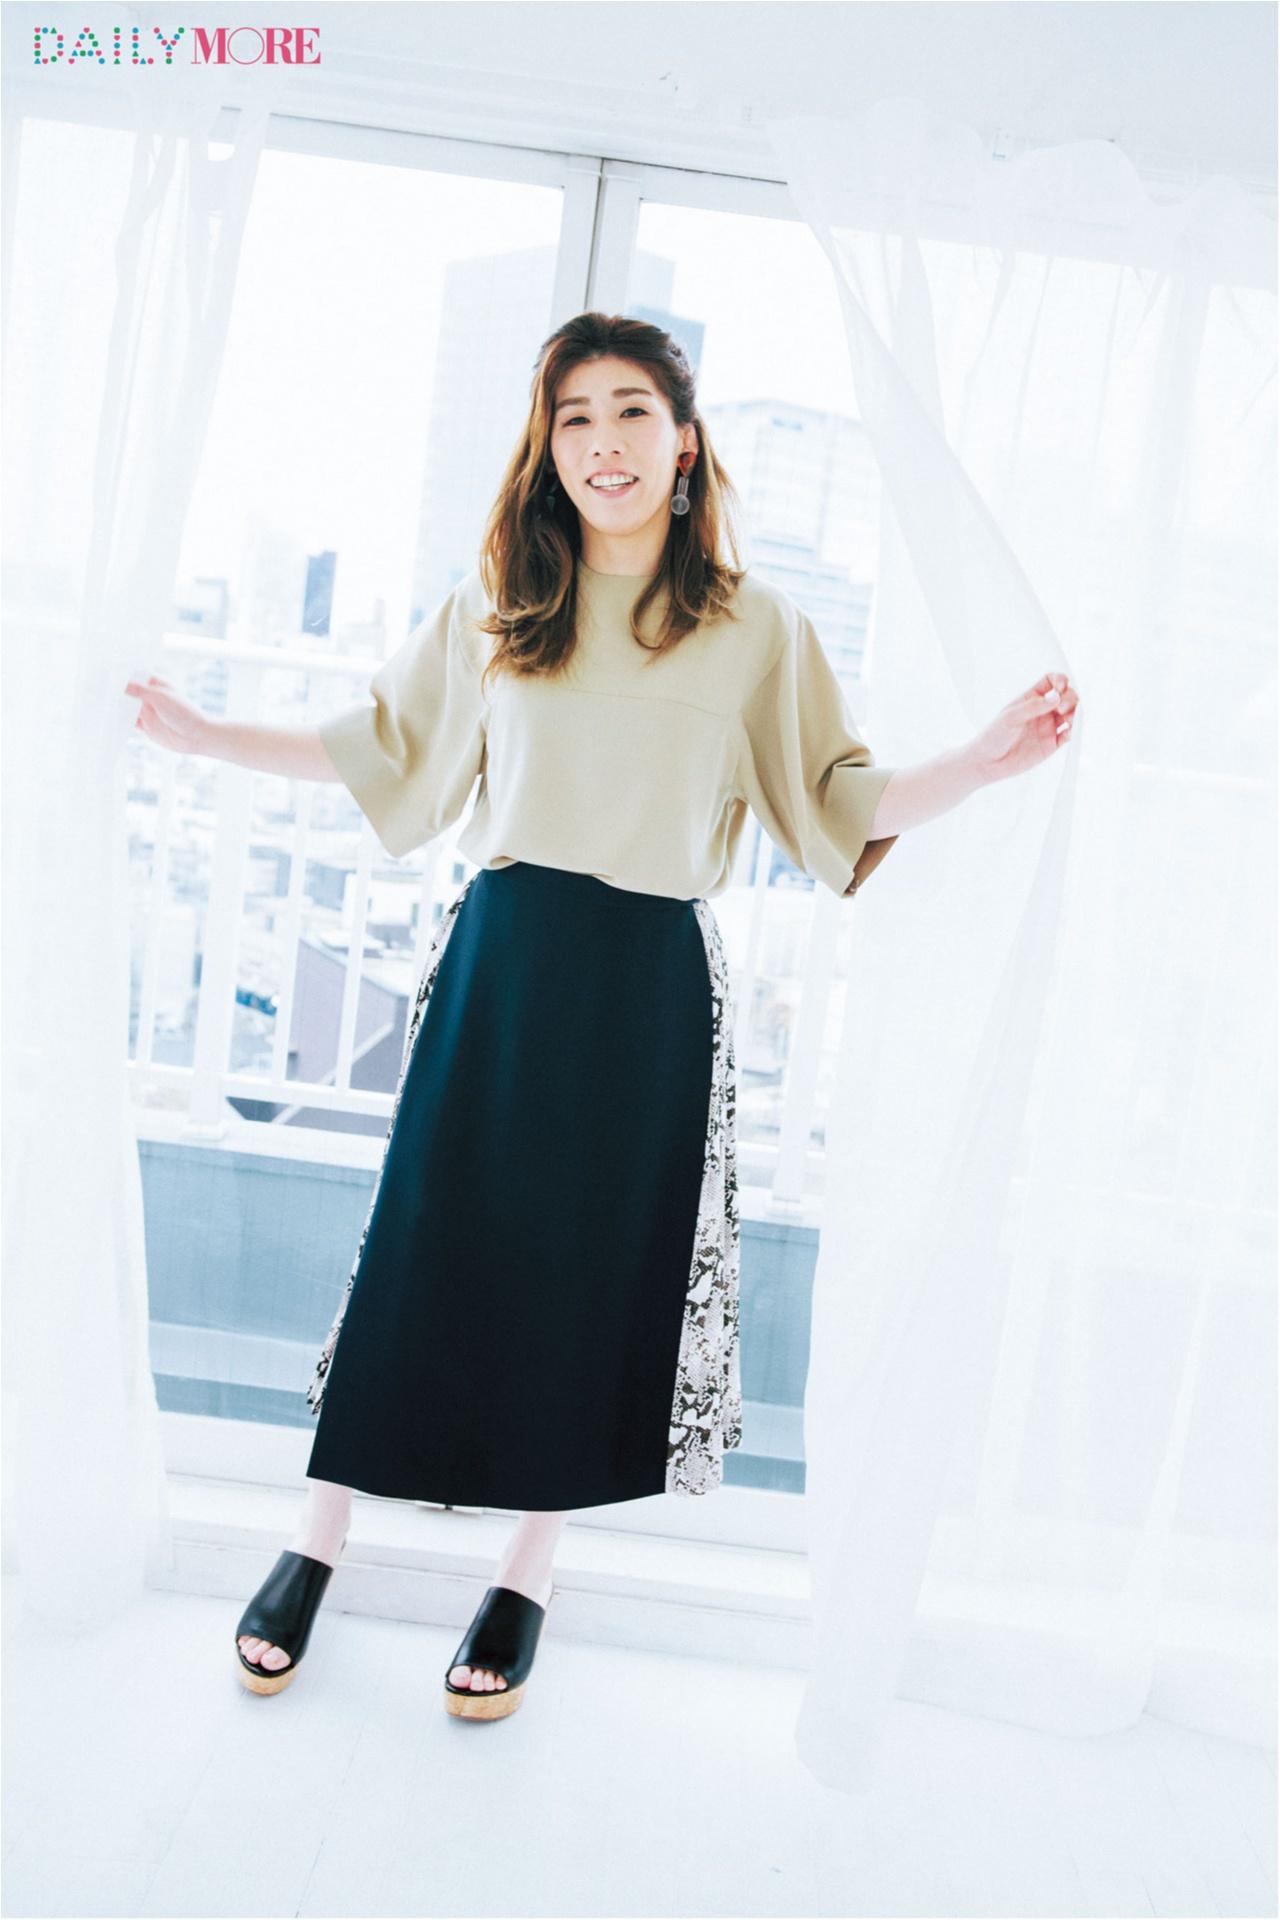 【吉田沙保里さん特別インタビュー】悩める女子にこそ知って欲しい! 世界最強女子の「なりたい私」になる方法_3